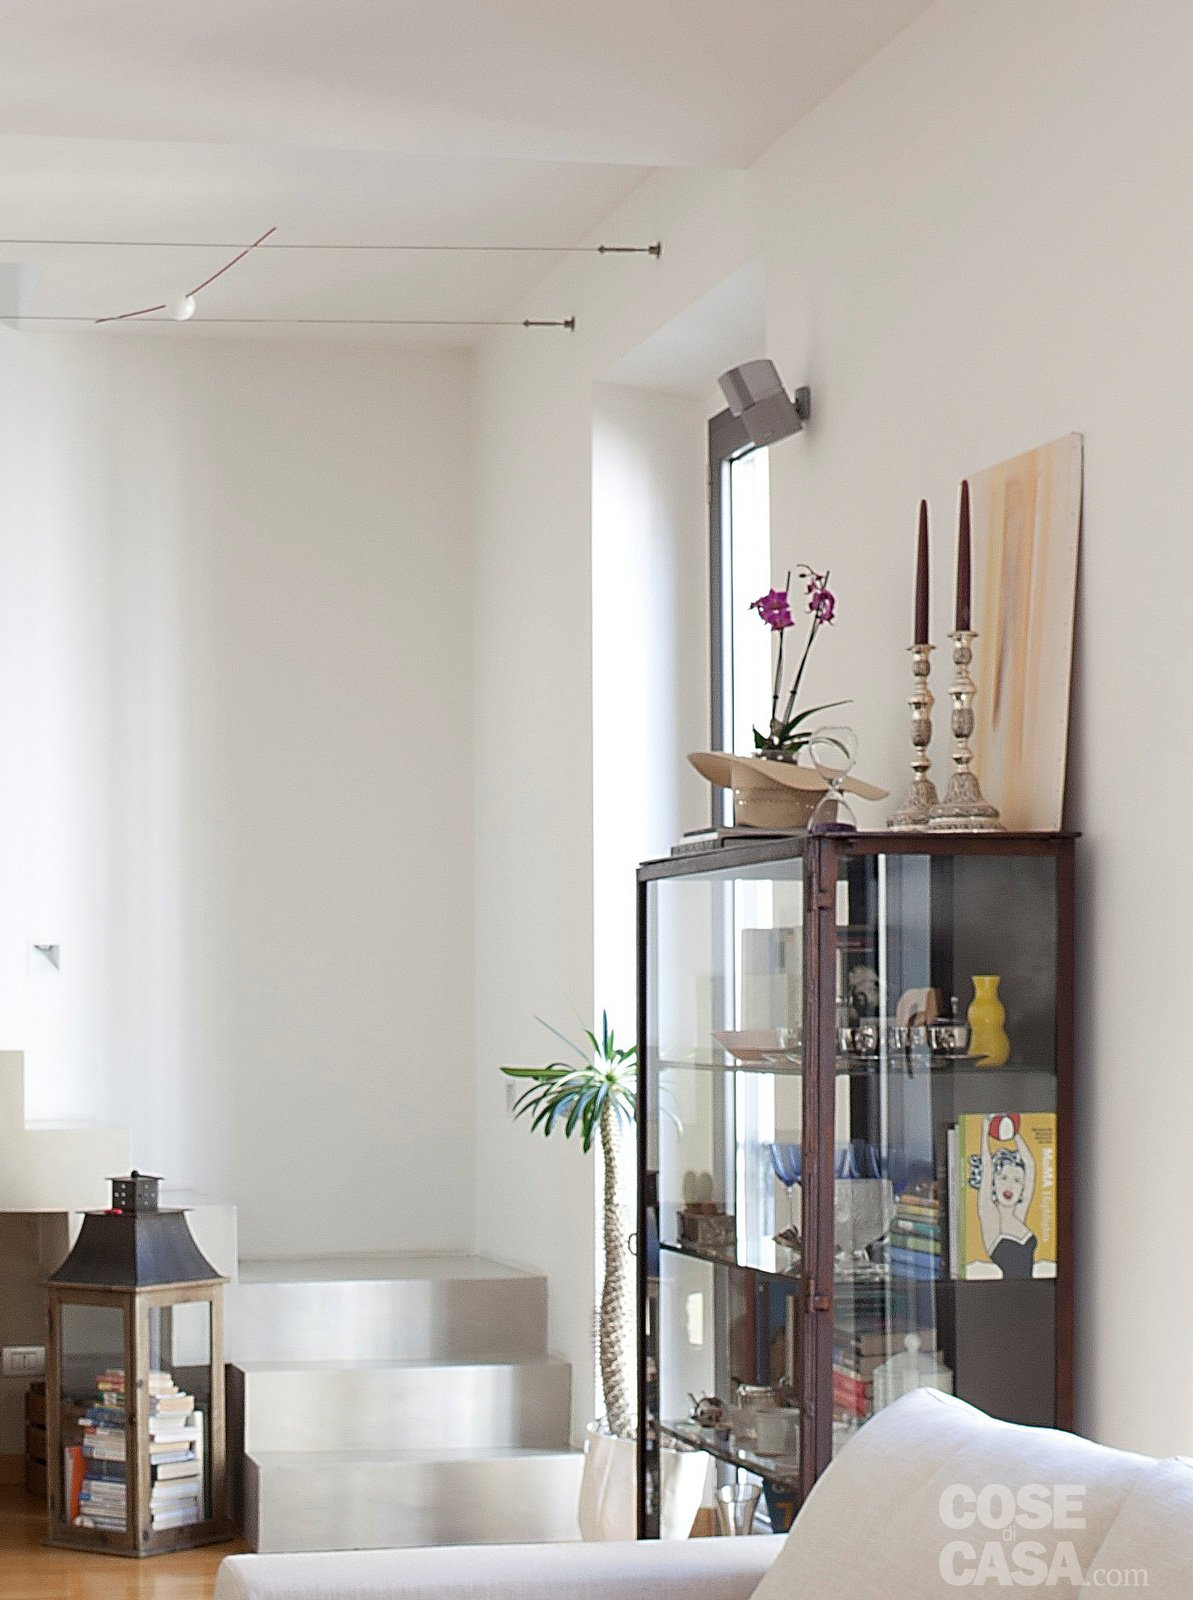 Una casa da copiare 10 idee tra spunti d 39 arredo e decor for Idee design casa